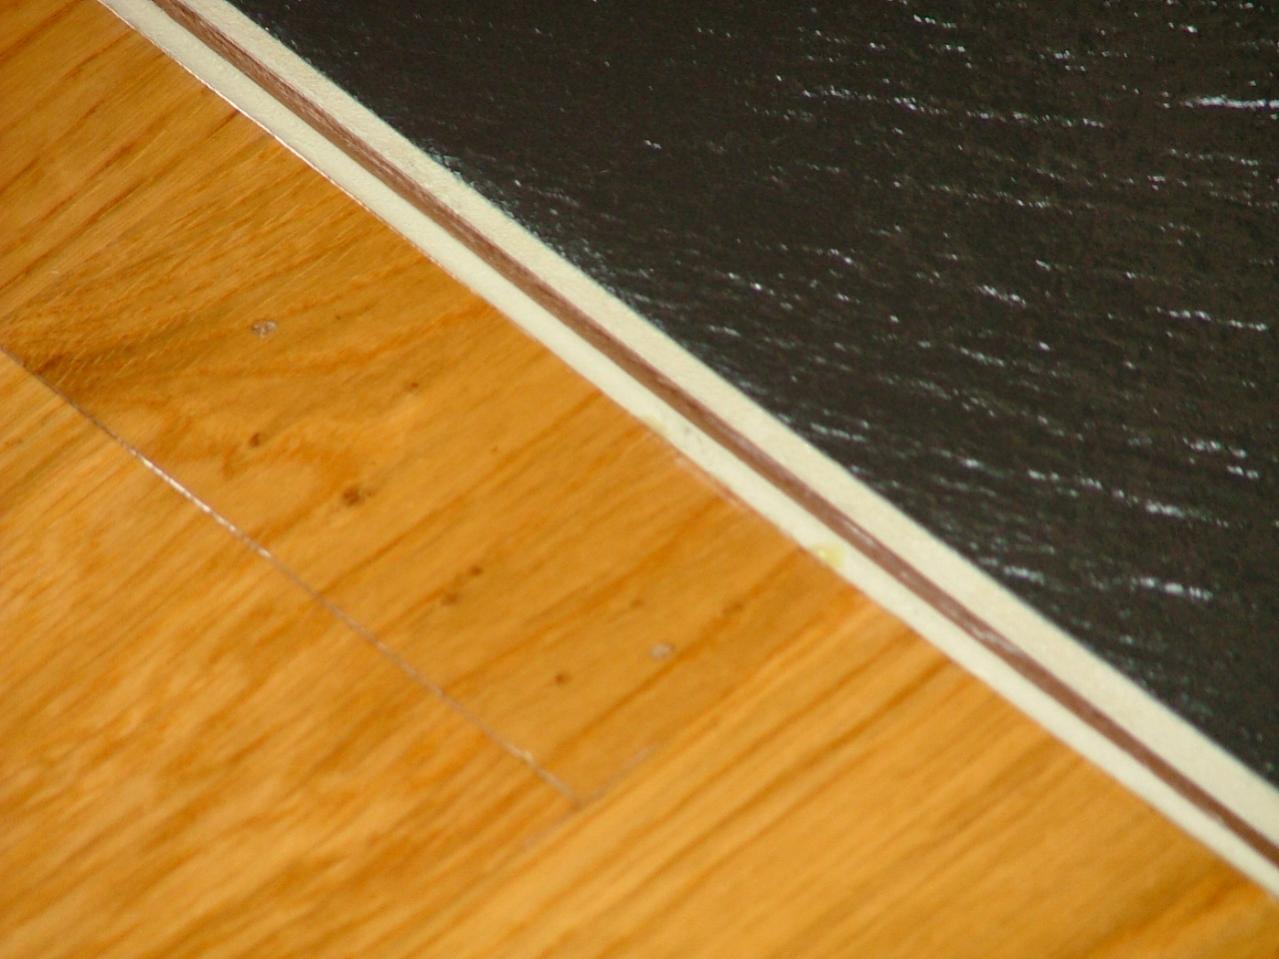 Slate Against Hardwood Floors Flooring Contractor Talk